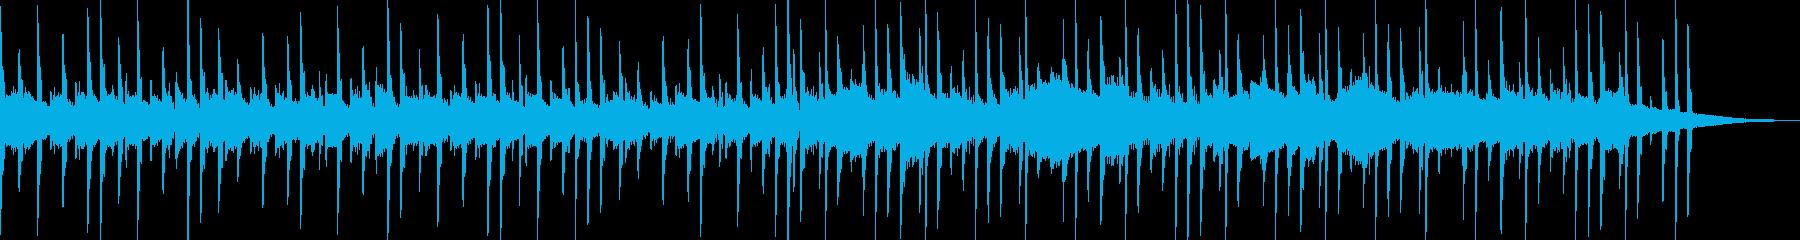 CM、ゲーム、劇判向けジングル曲の再生済みの波形